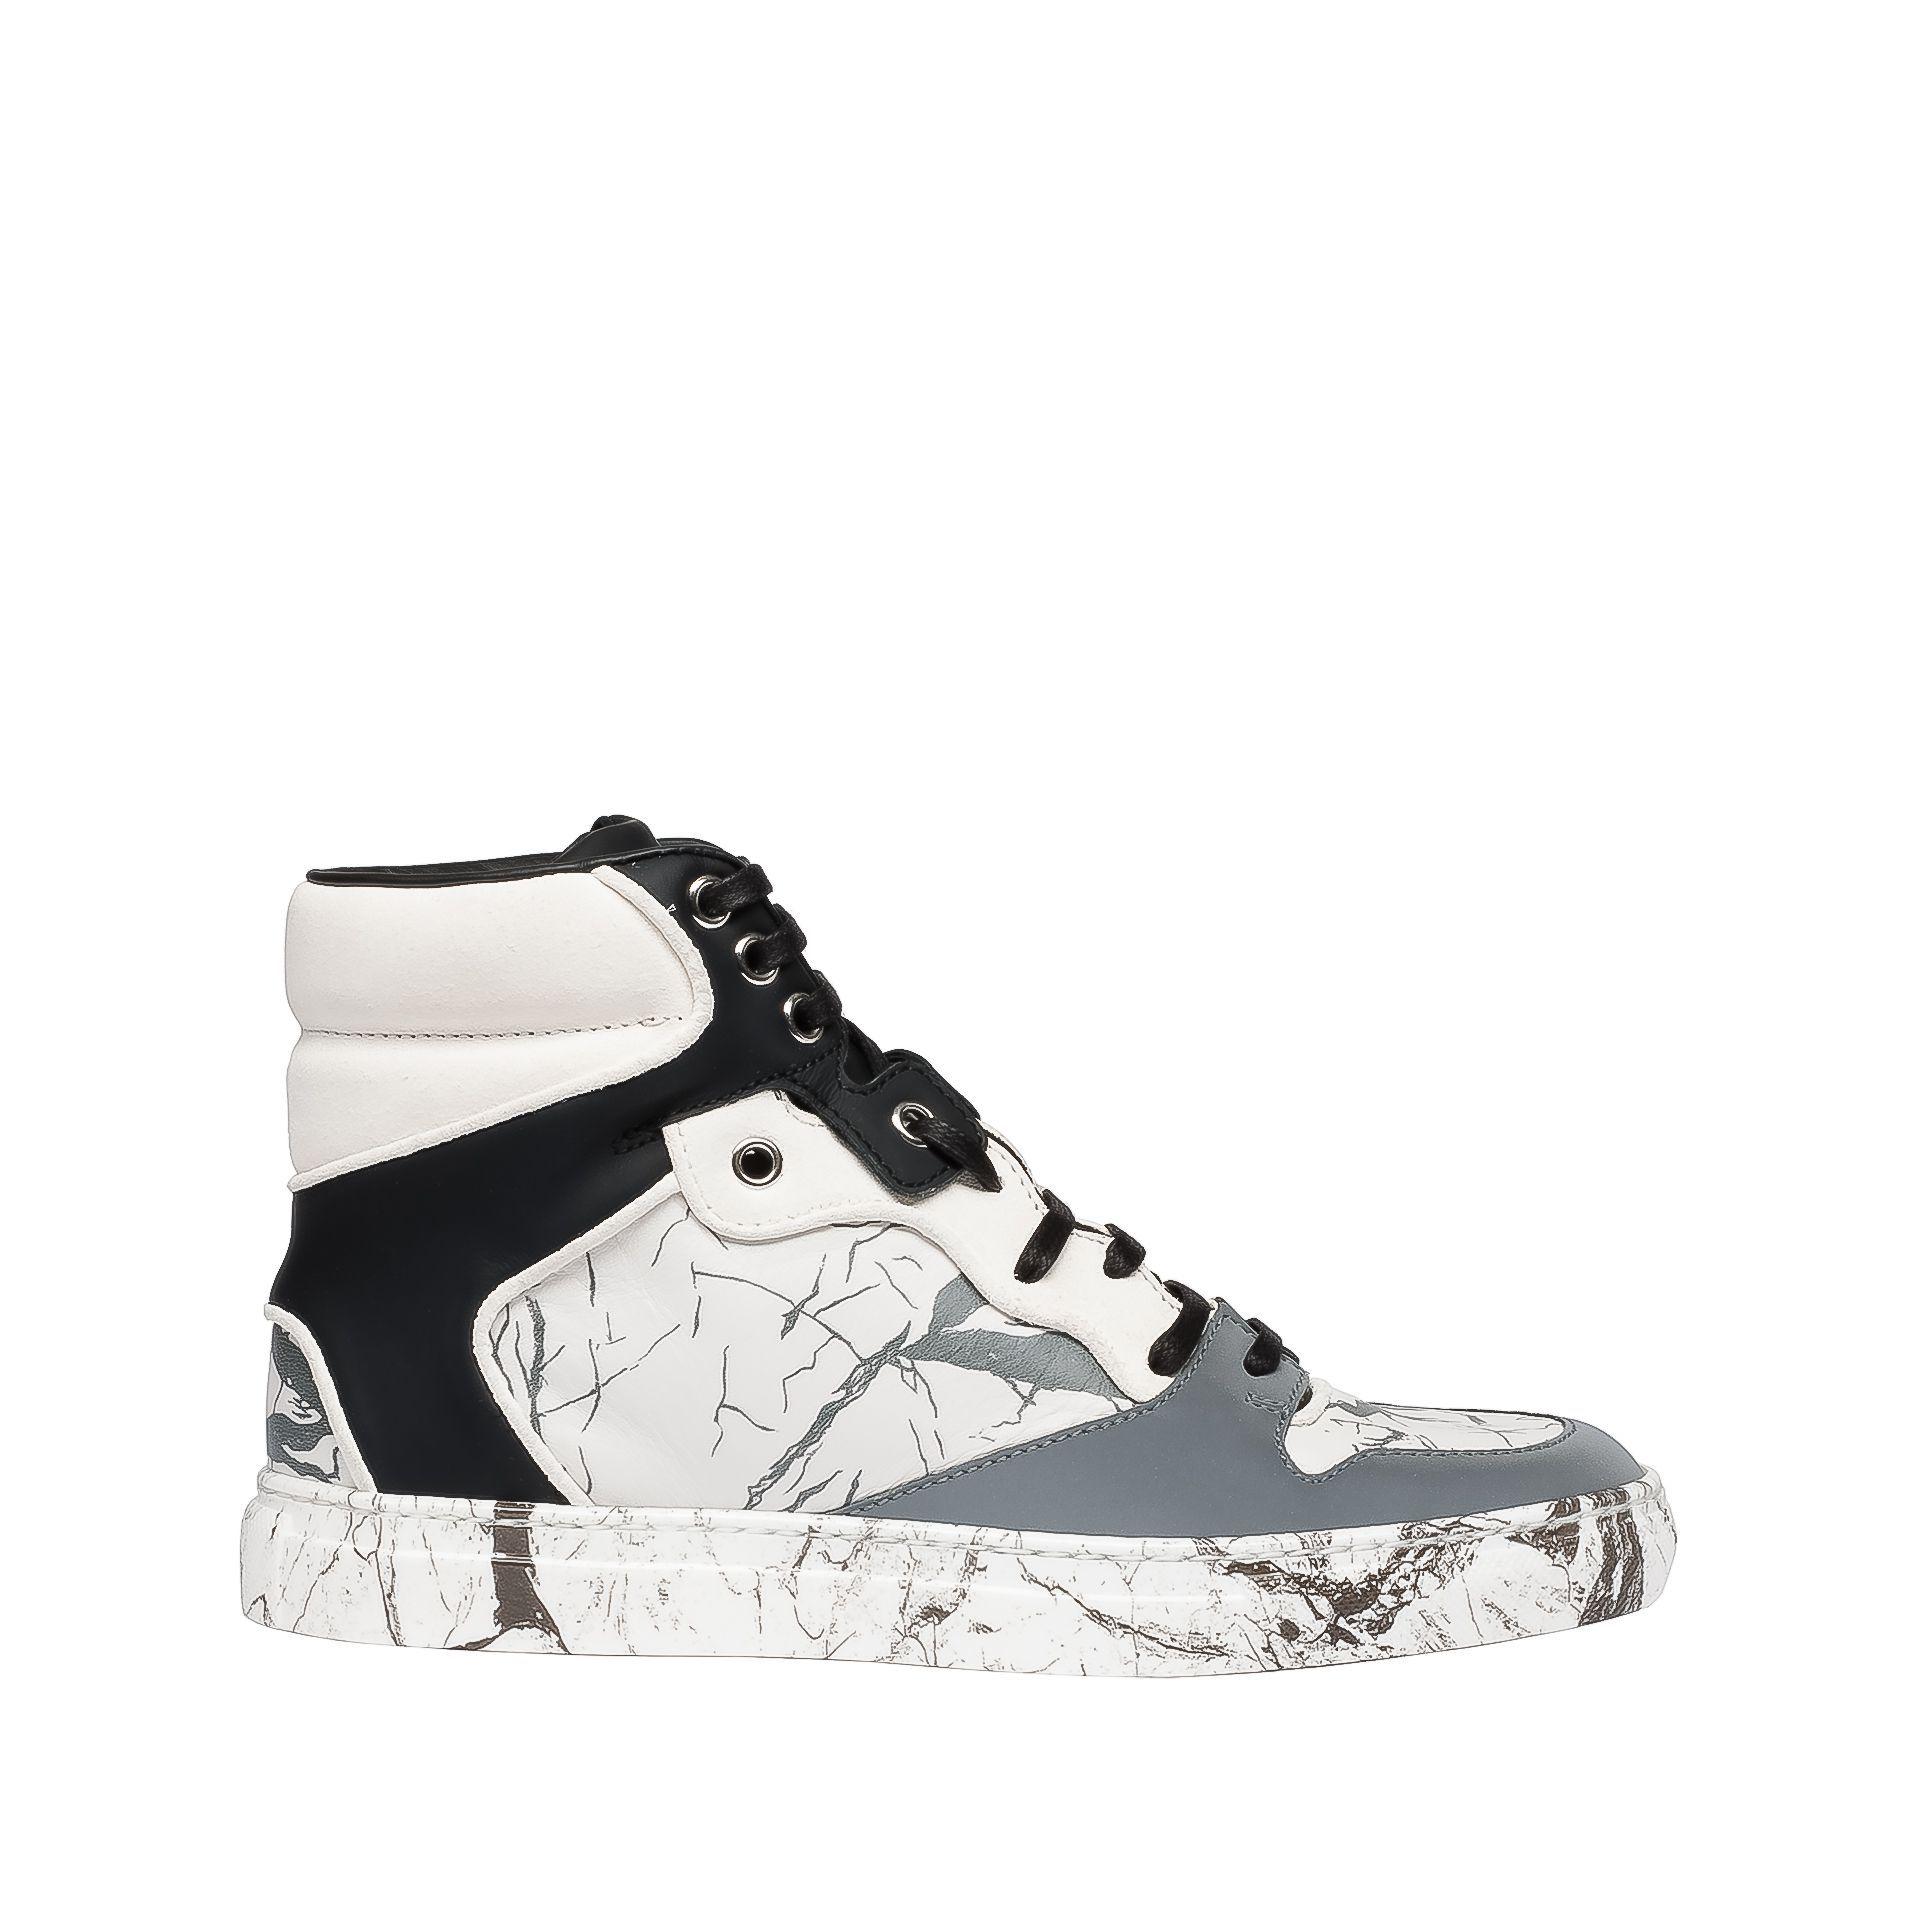 Balenciaga Sneakers Marble Effect Balenciaga - Sneakers Women - Shoes  Balenciaga e6f4c35156f2